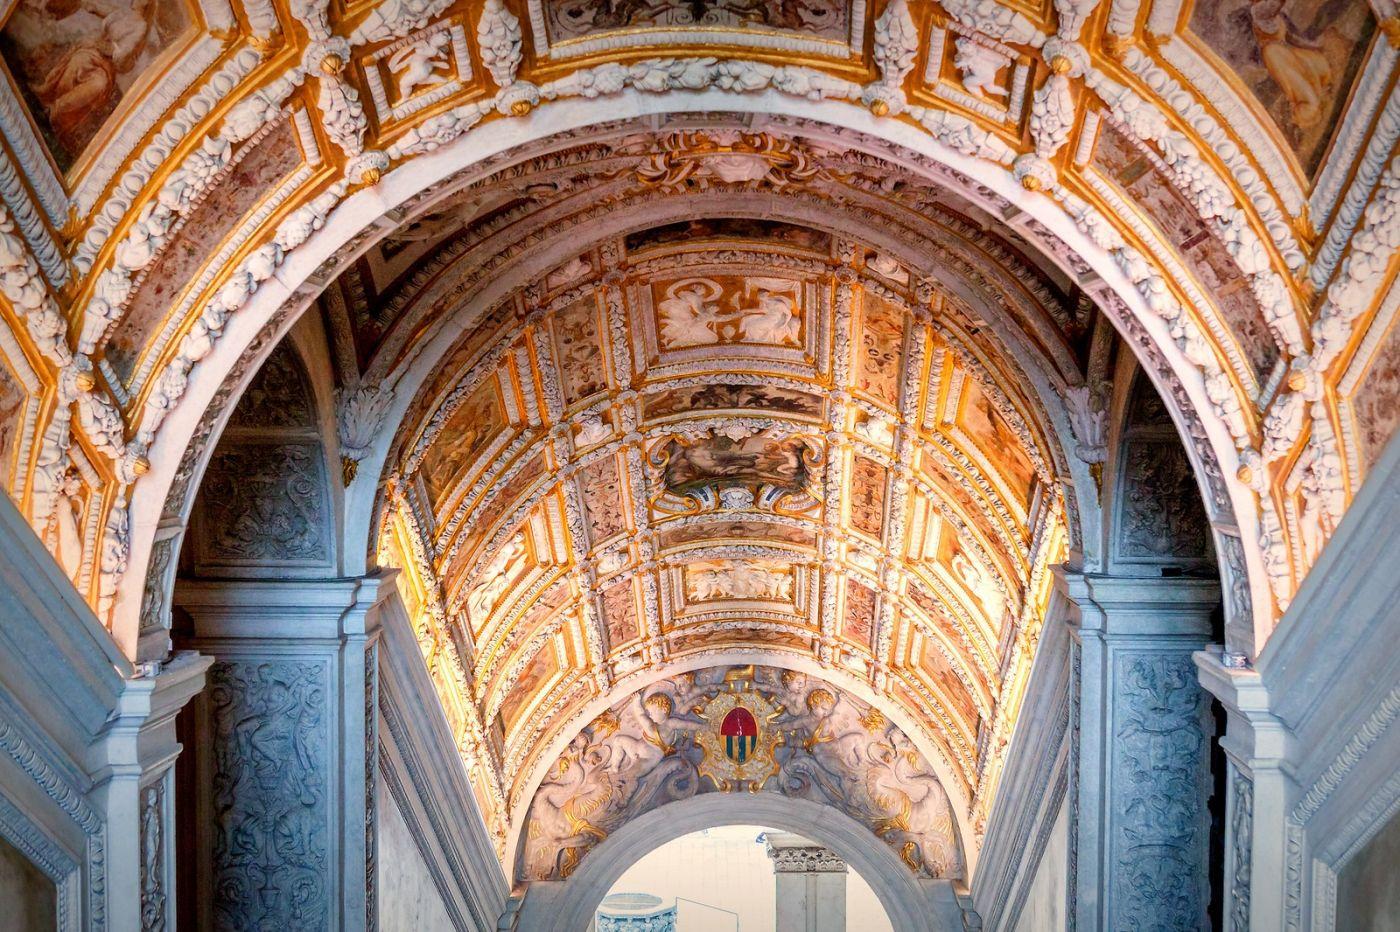 威尼斯圣马可大教堂(St Mark's Basilica), 精雕细琢的顶设_图1-37